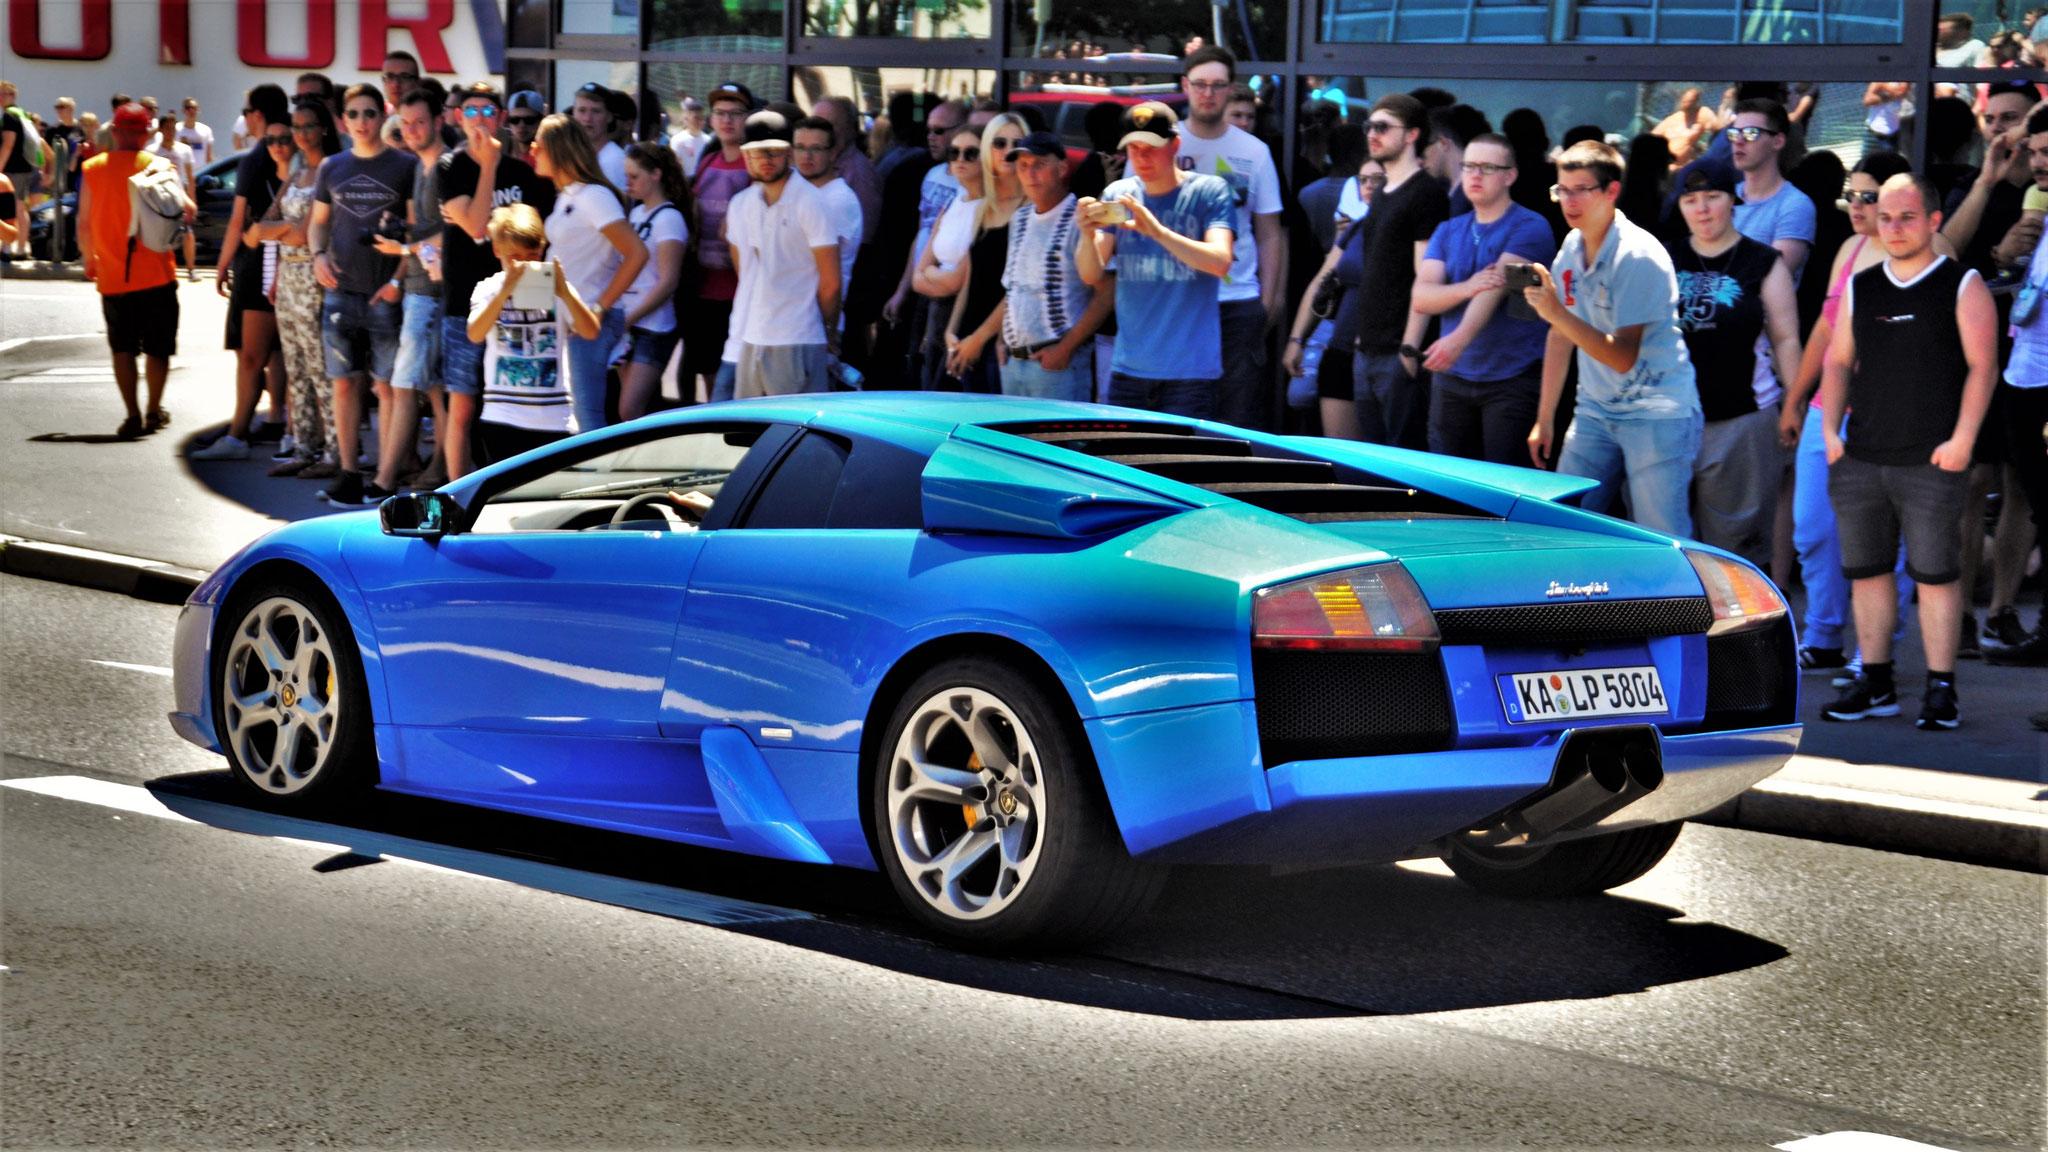 Lamborghini Murcielago - KA-LP-5804